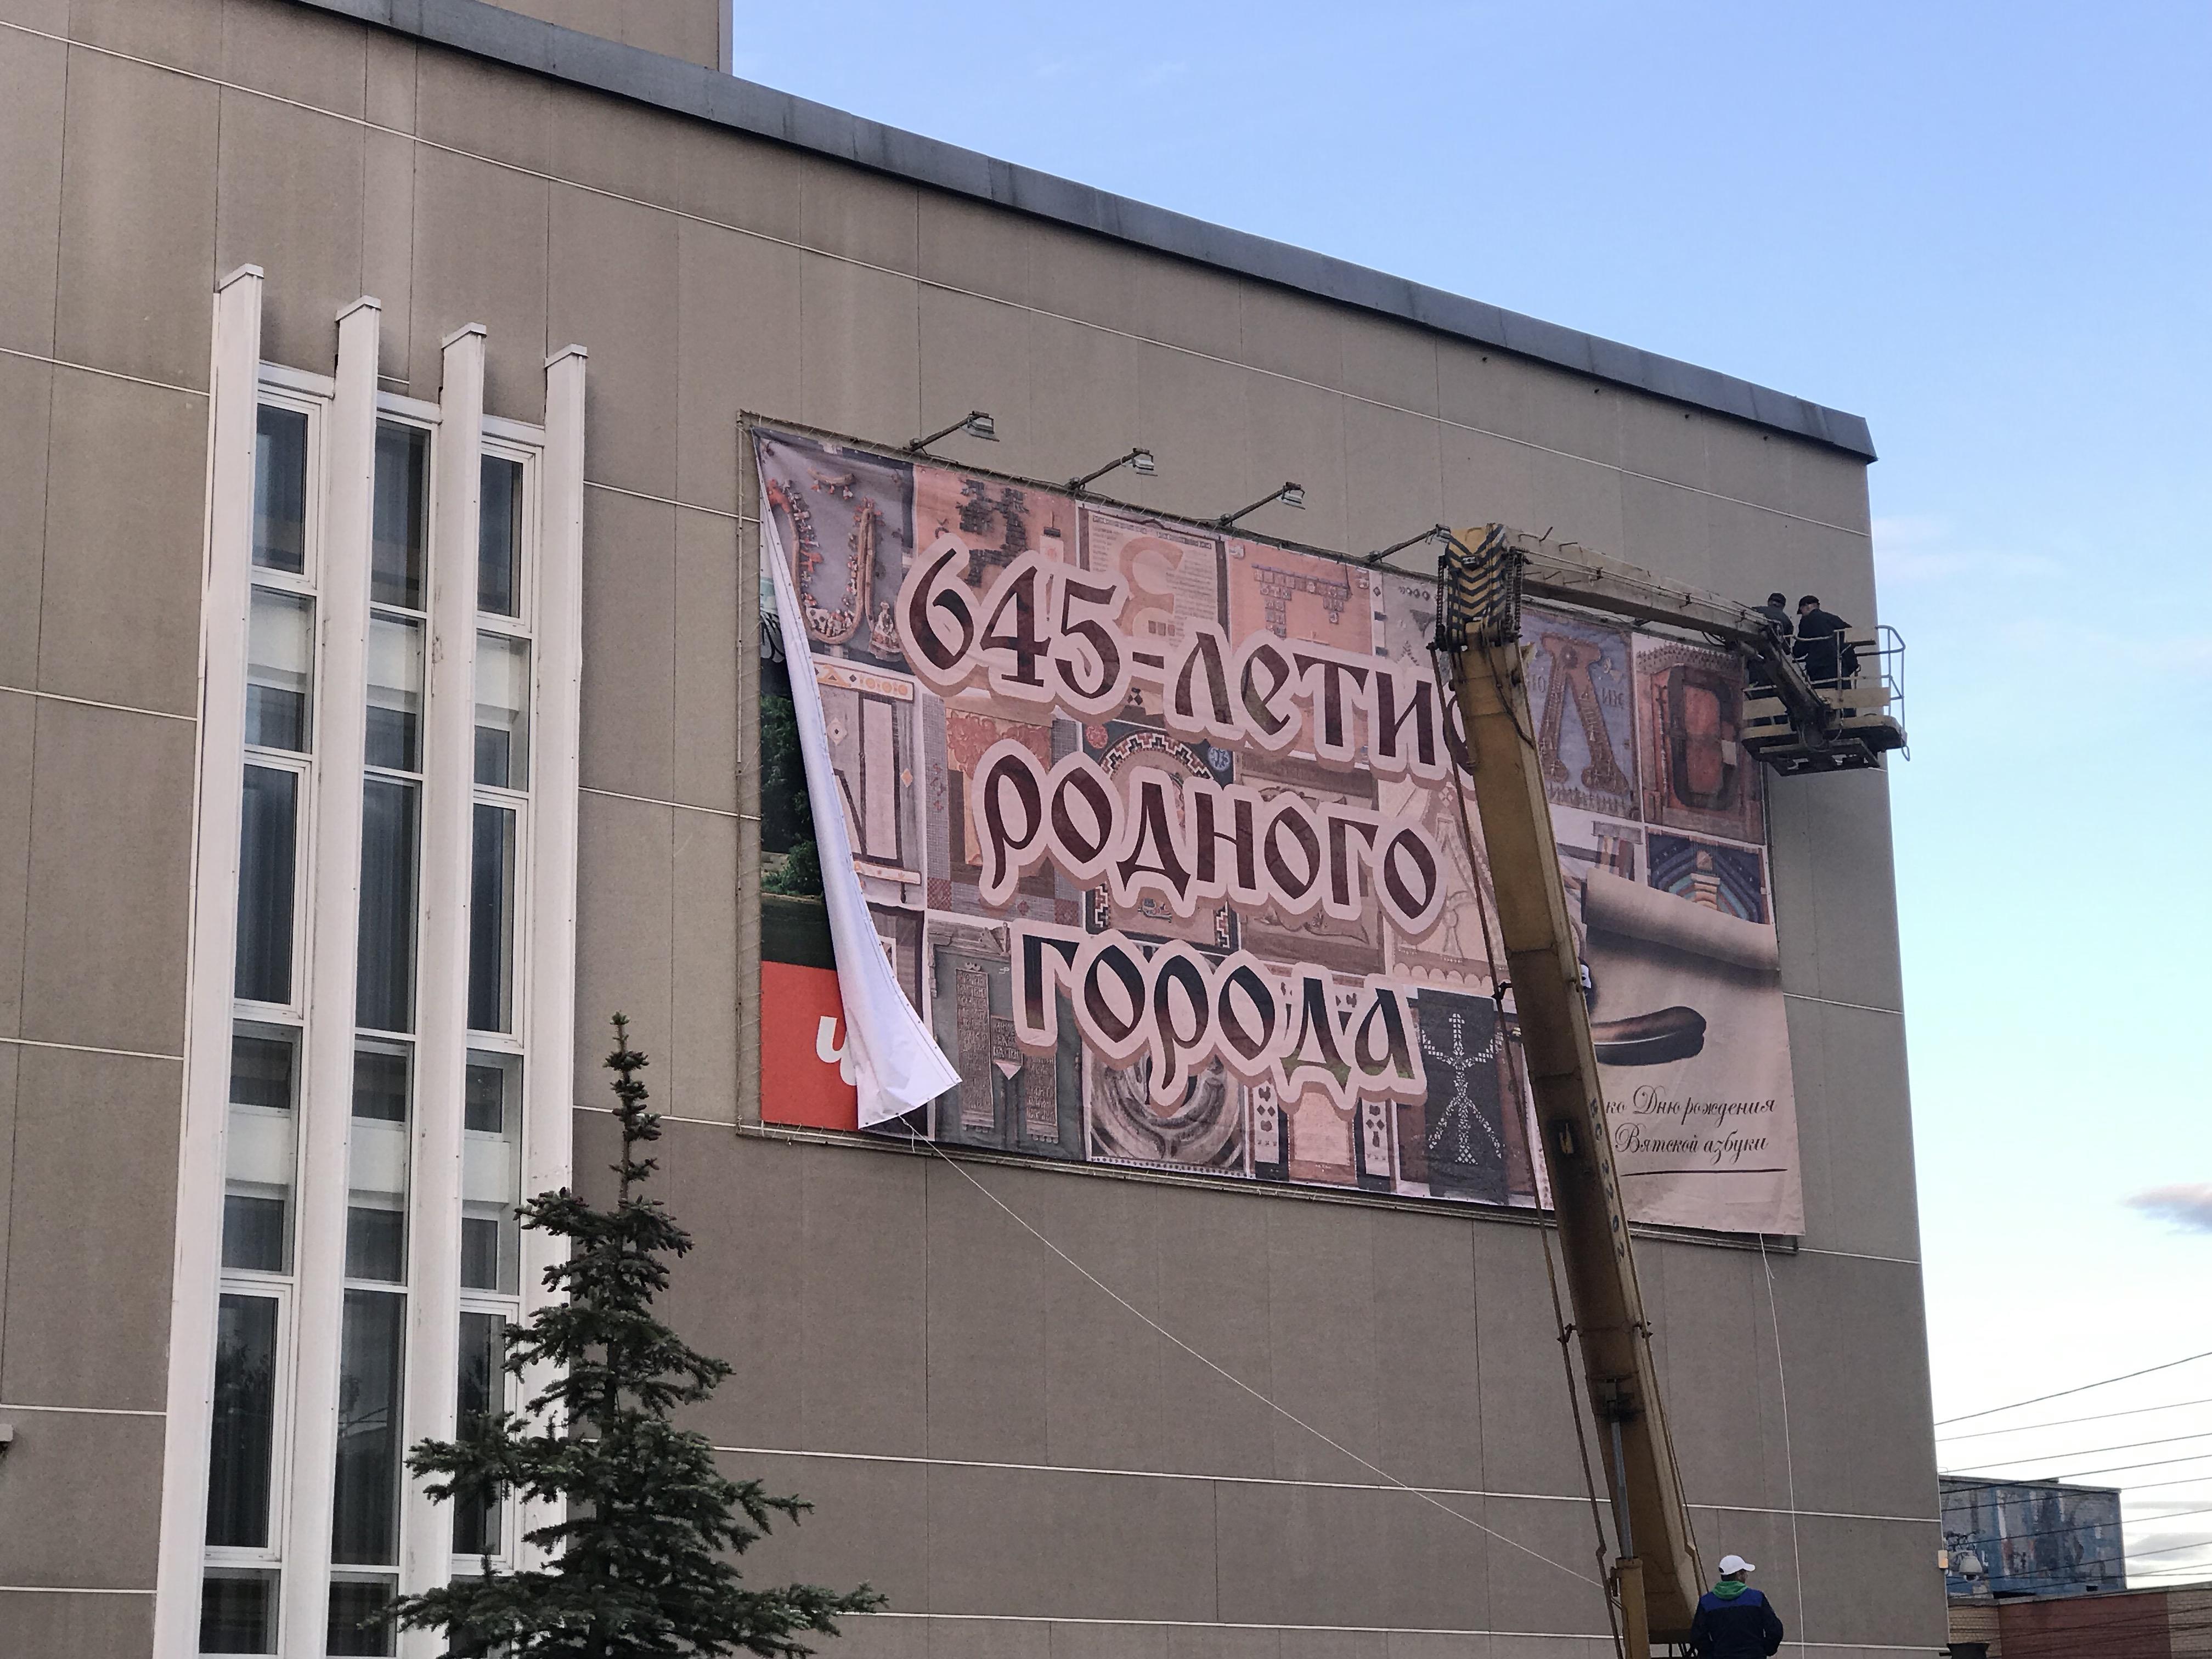 Первые лица города и области поздравили жителей Кирова с 645-летием и Днем России